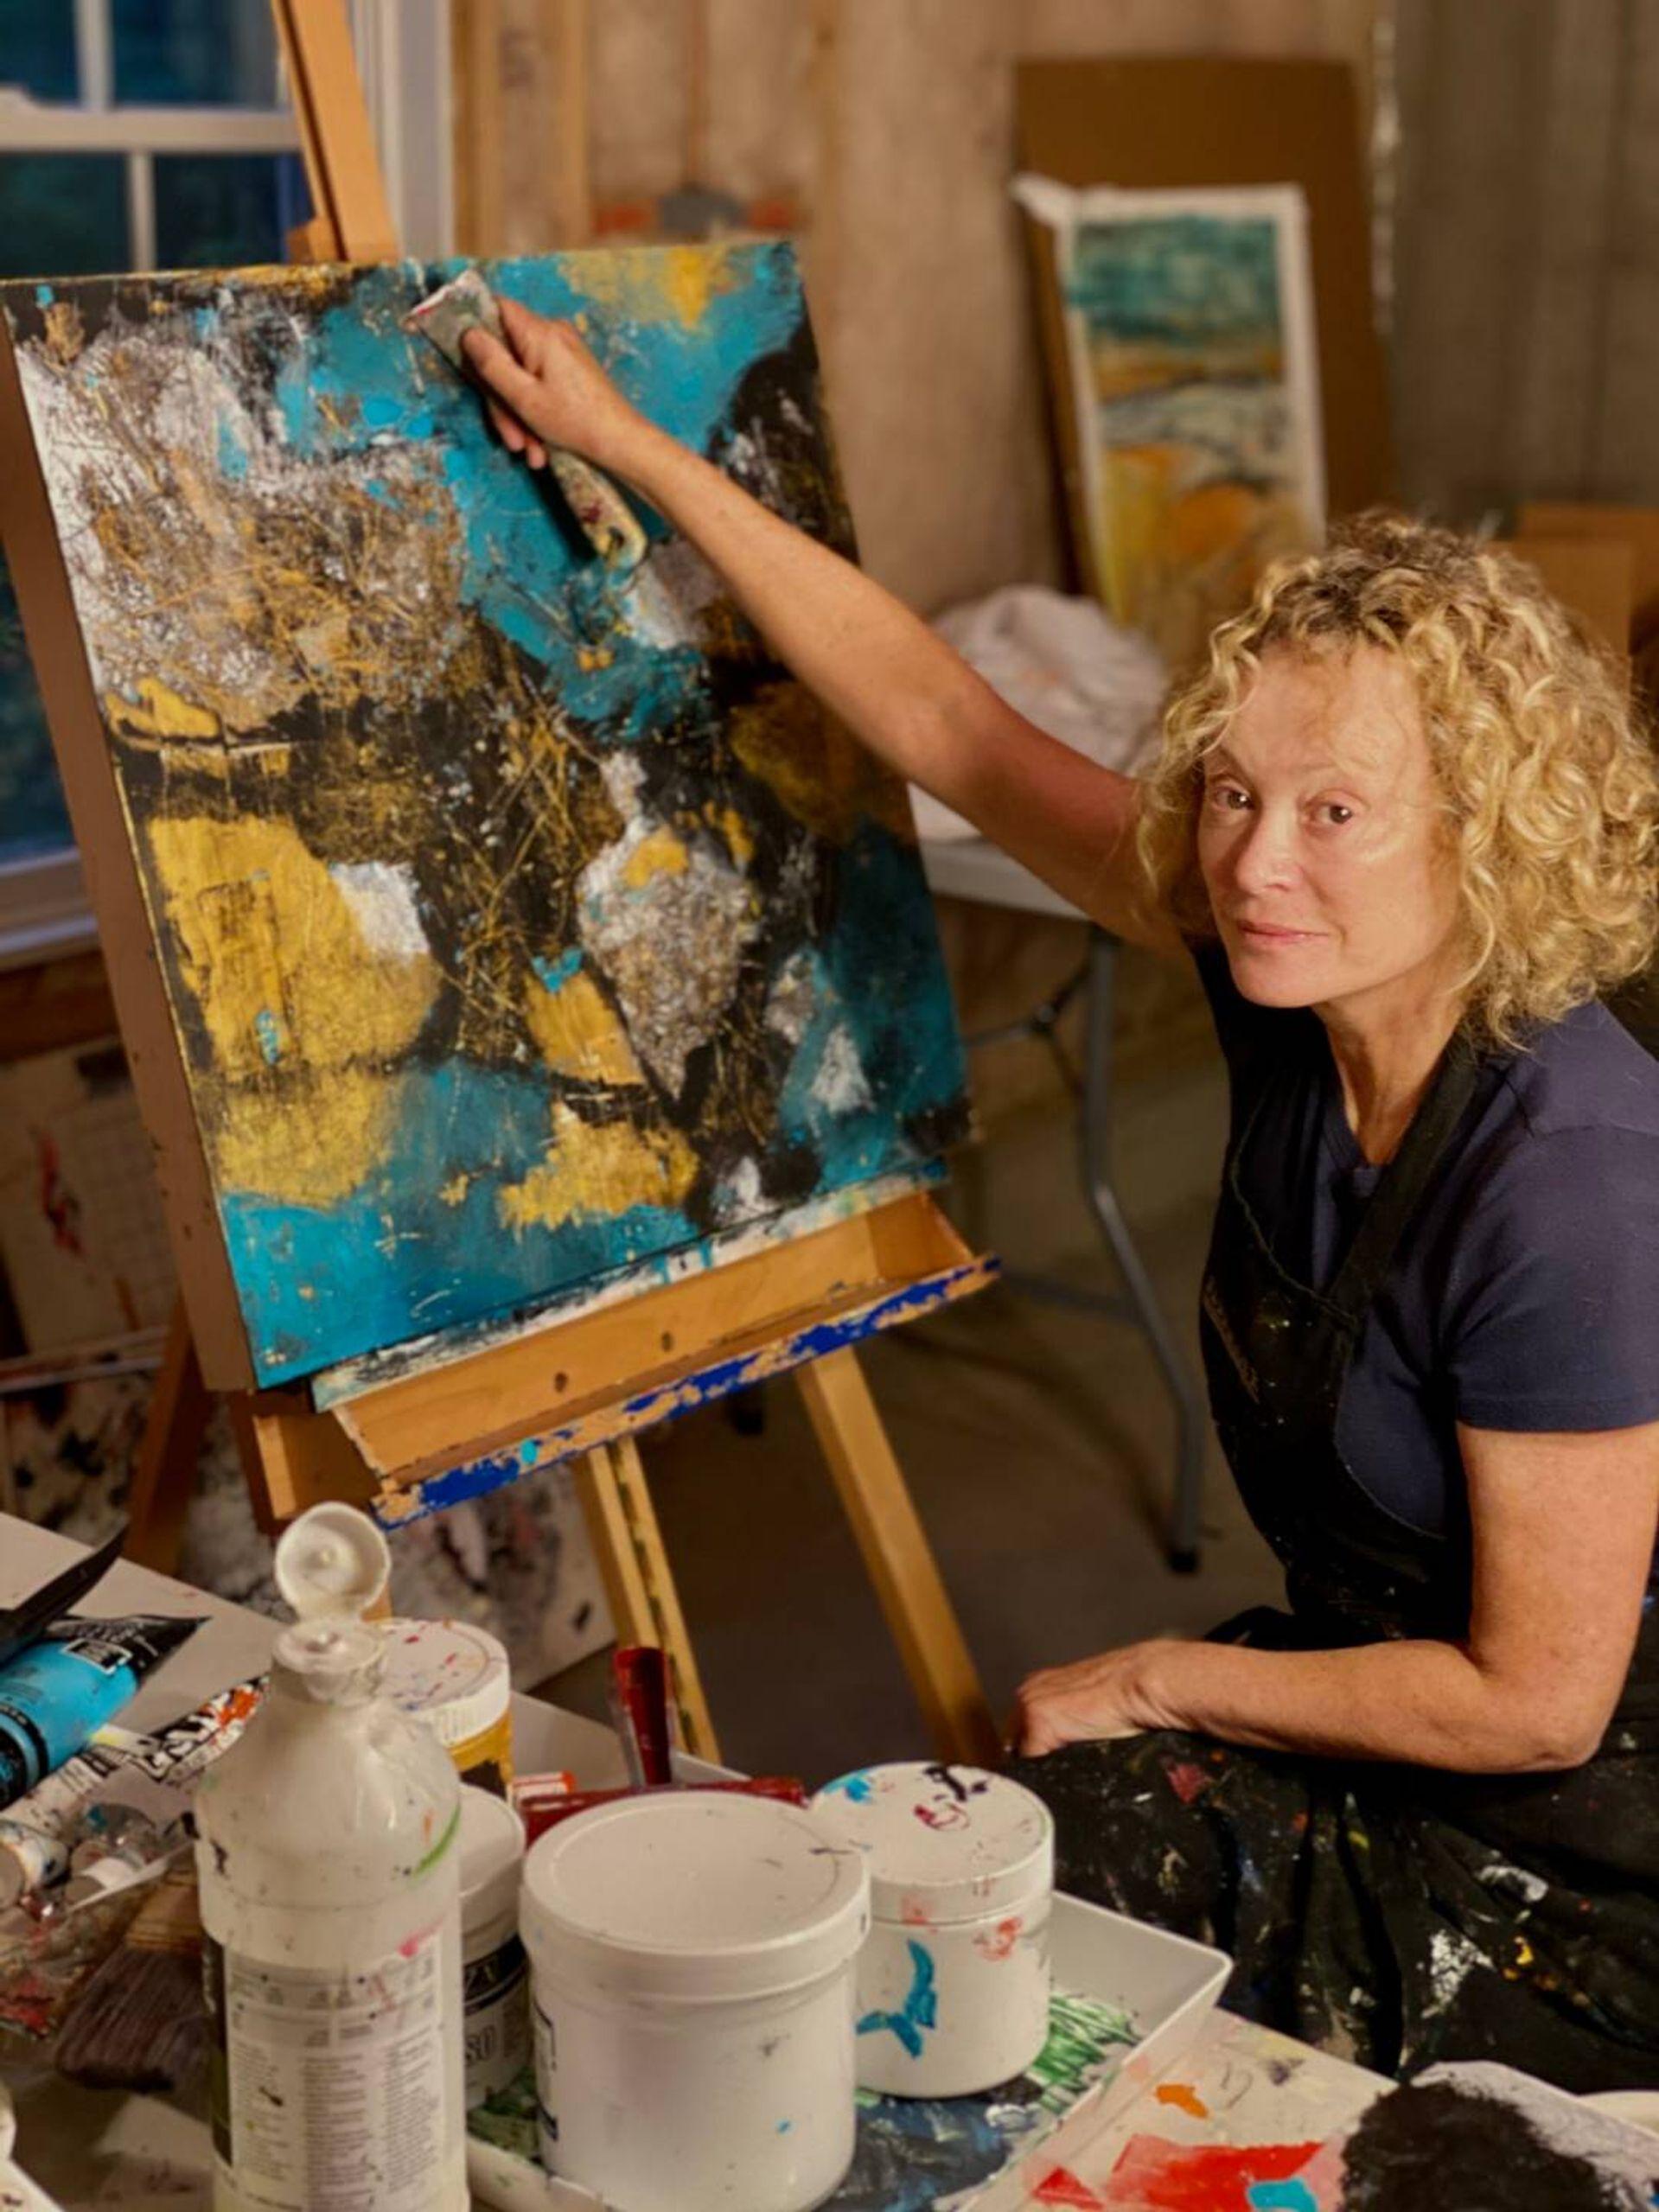 Artist Leslie Harris